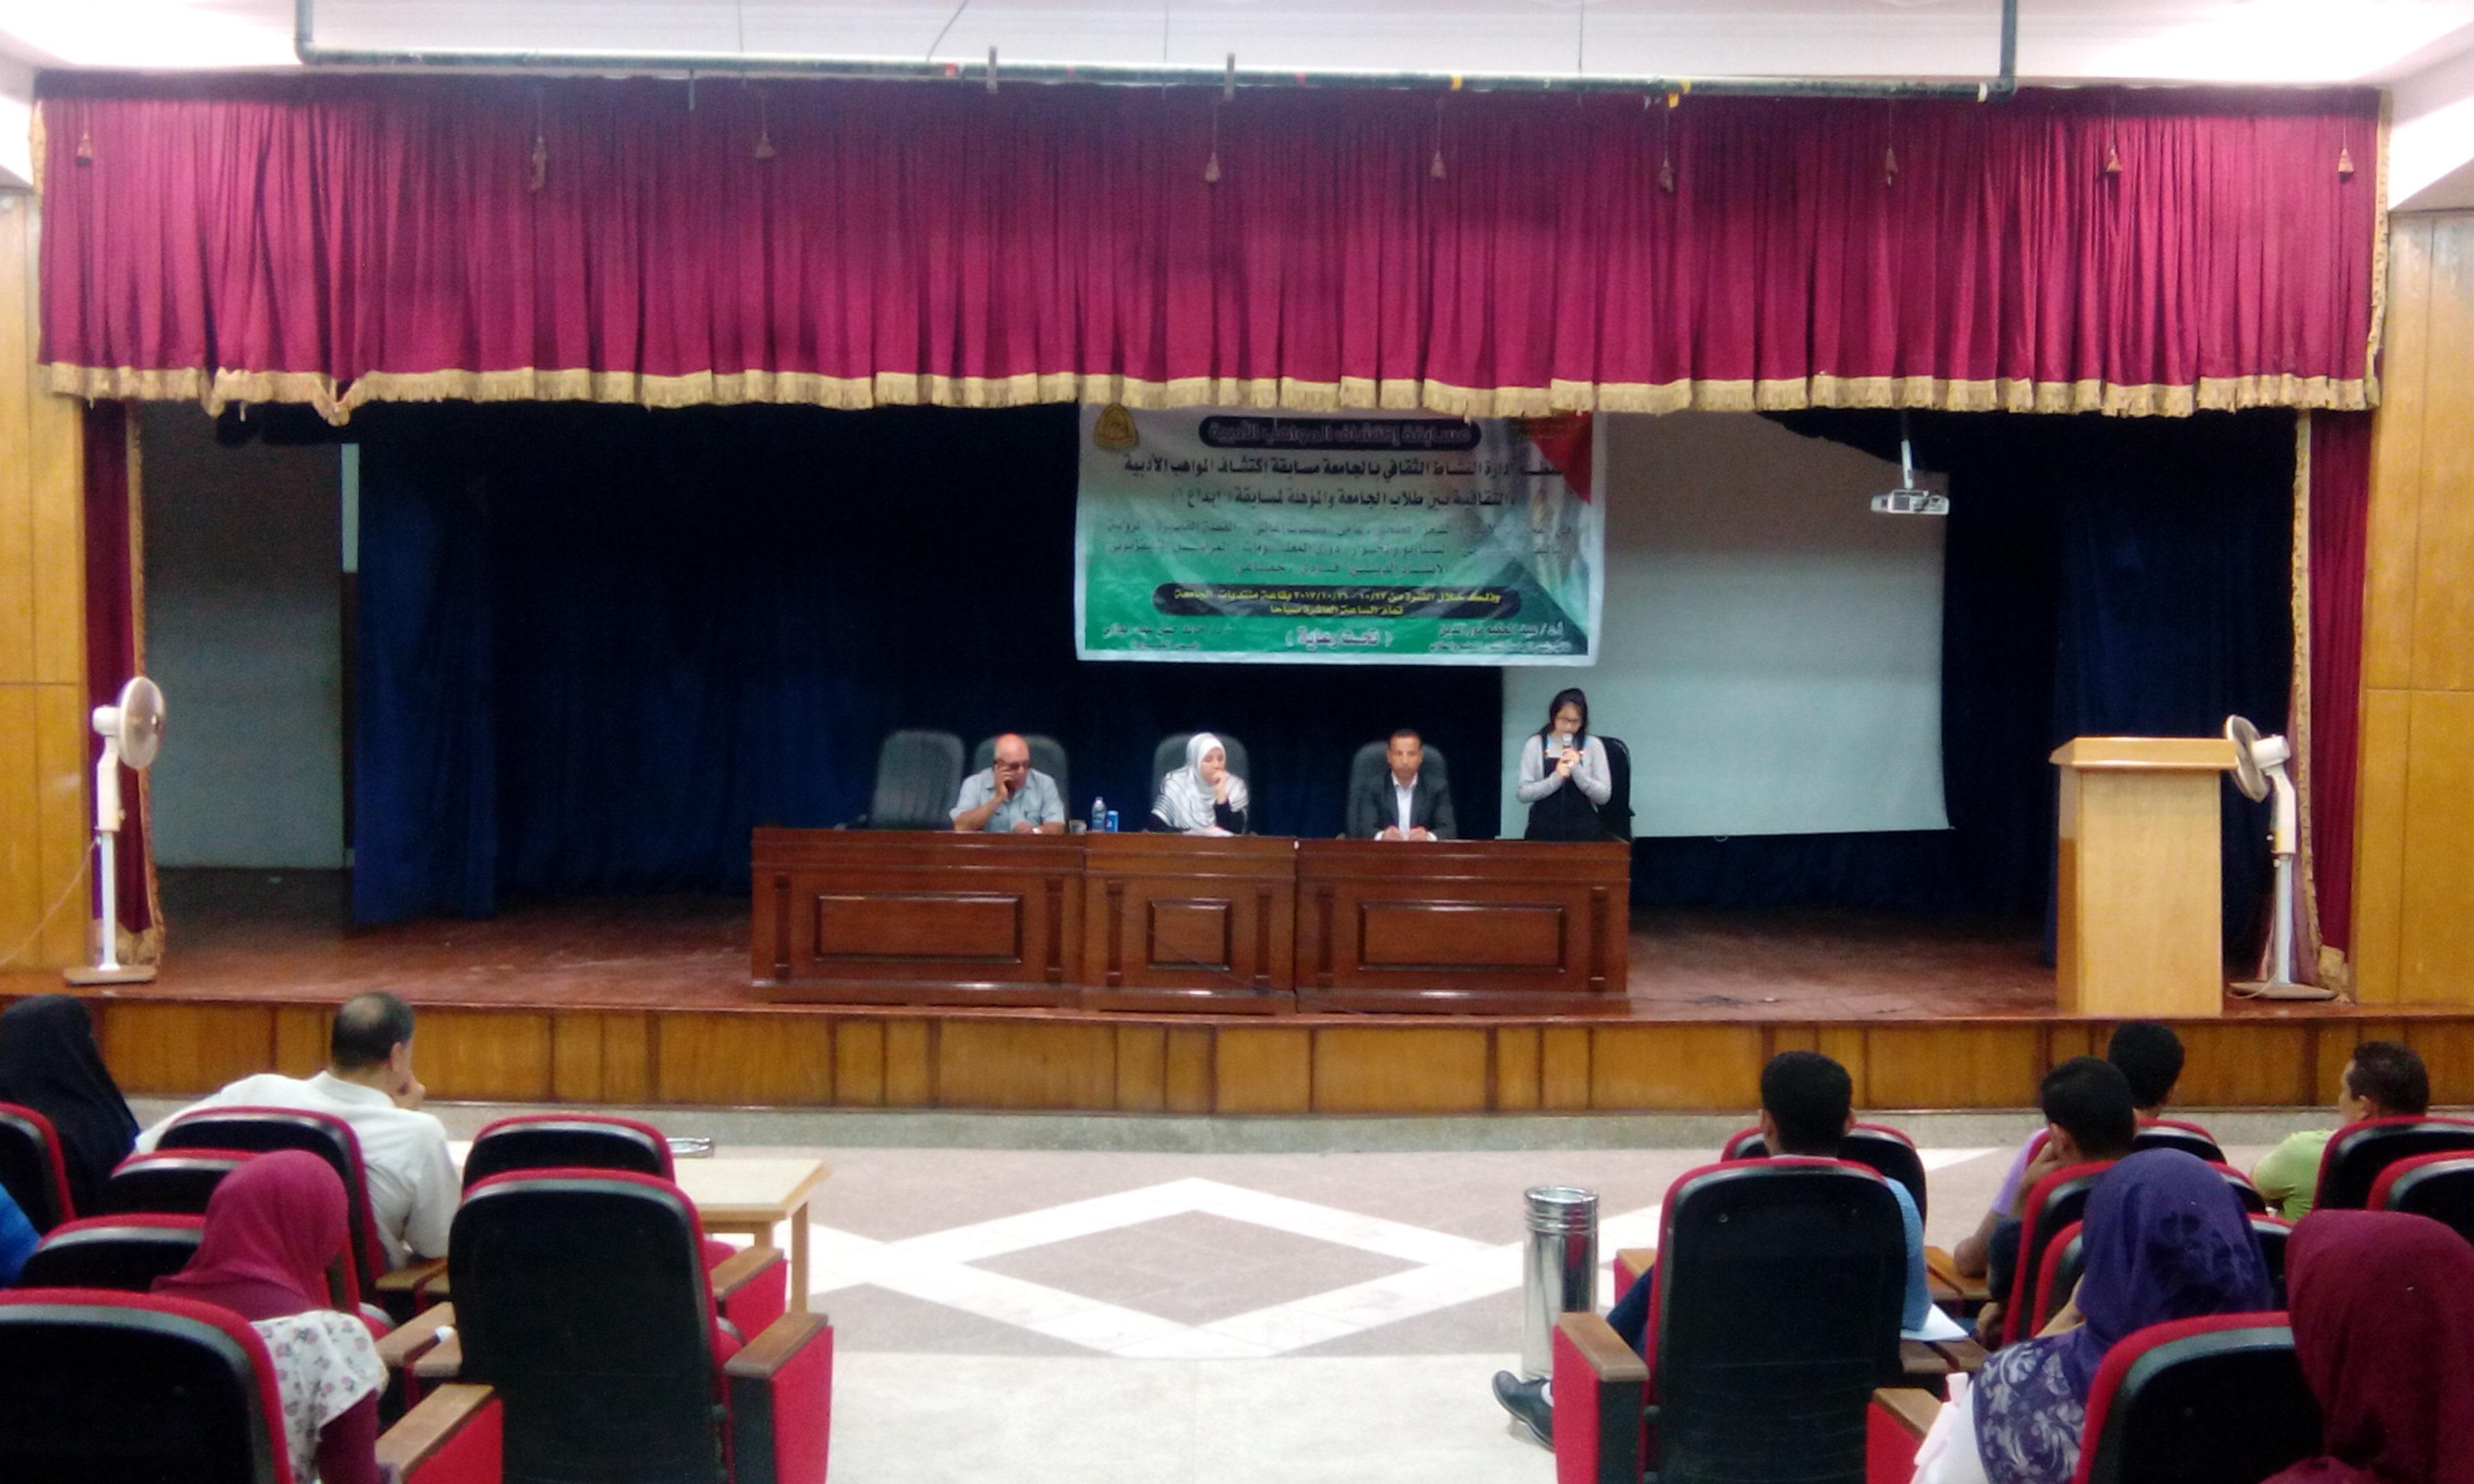 مسابقة اكتشاف المواهب الأدبية لطلاب جامعة الزقازيق   الشرقية توداي